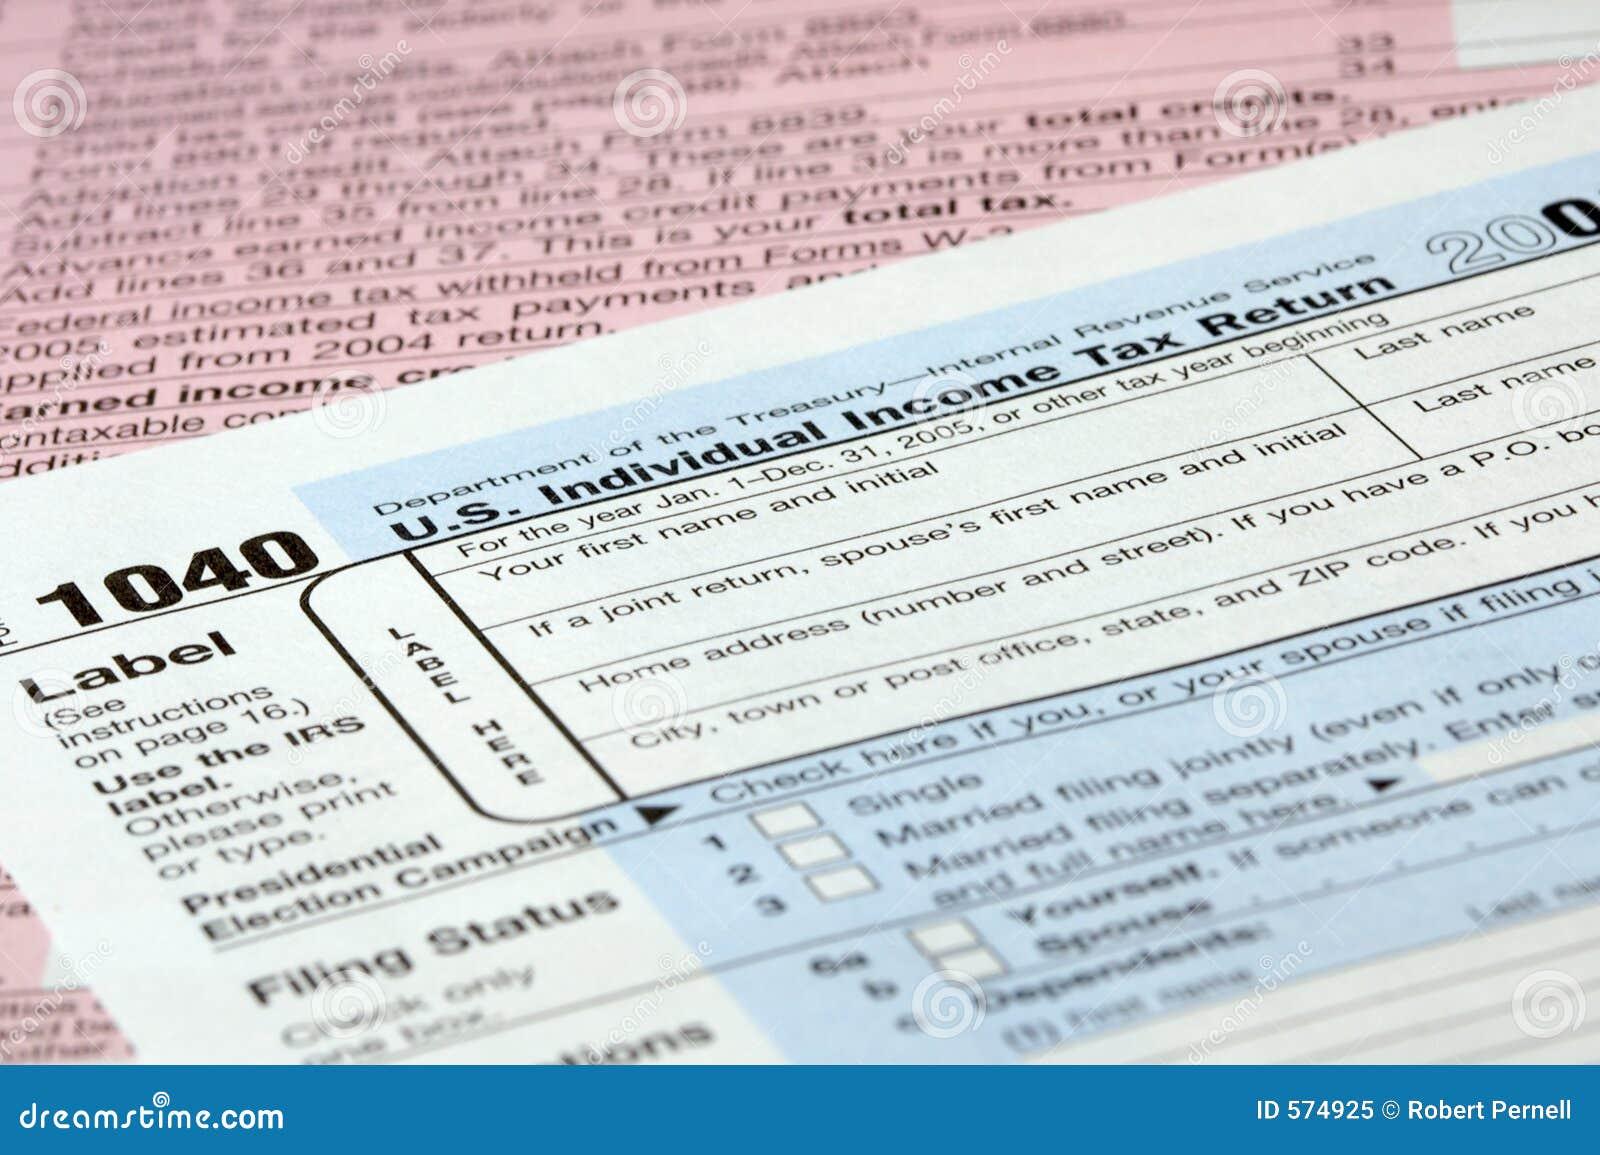 Formas de impuesto